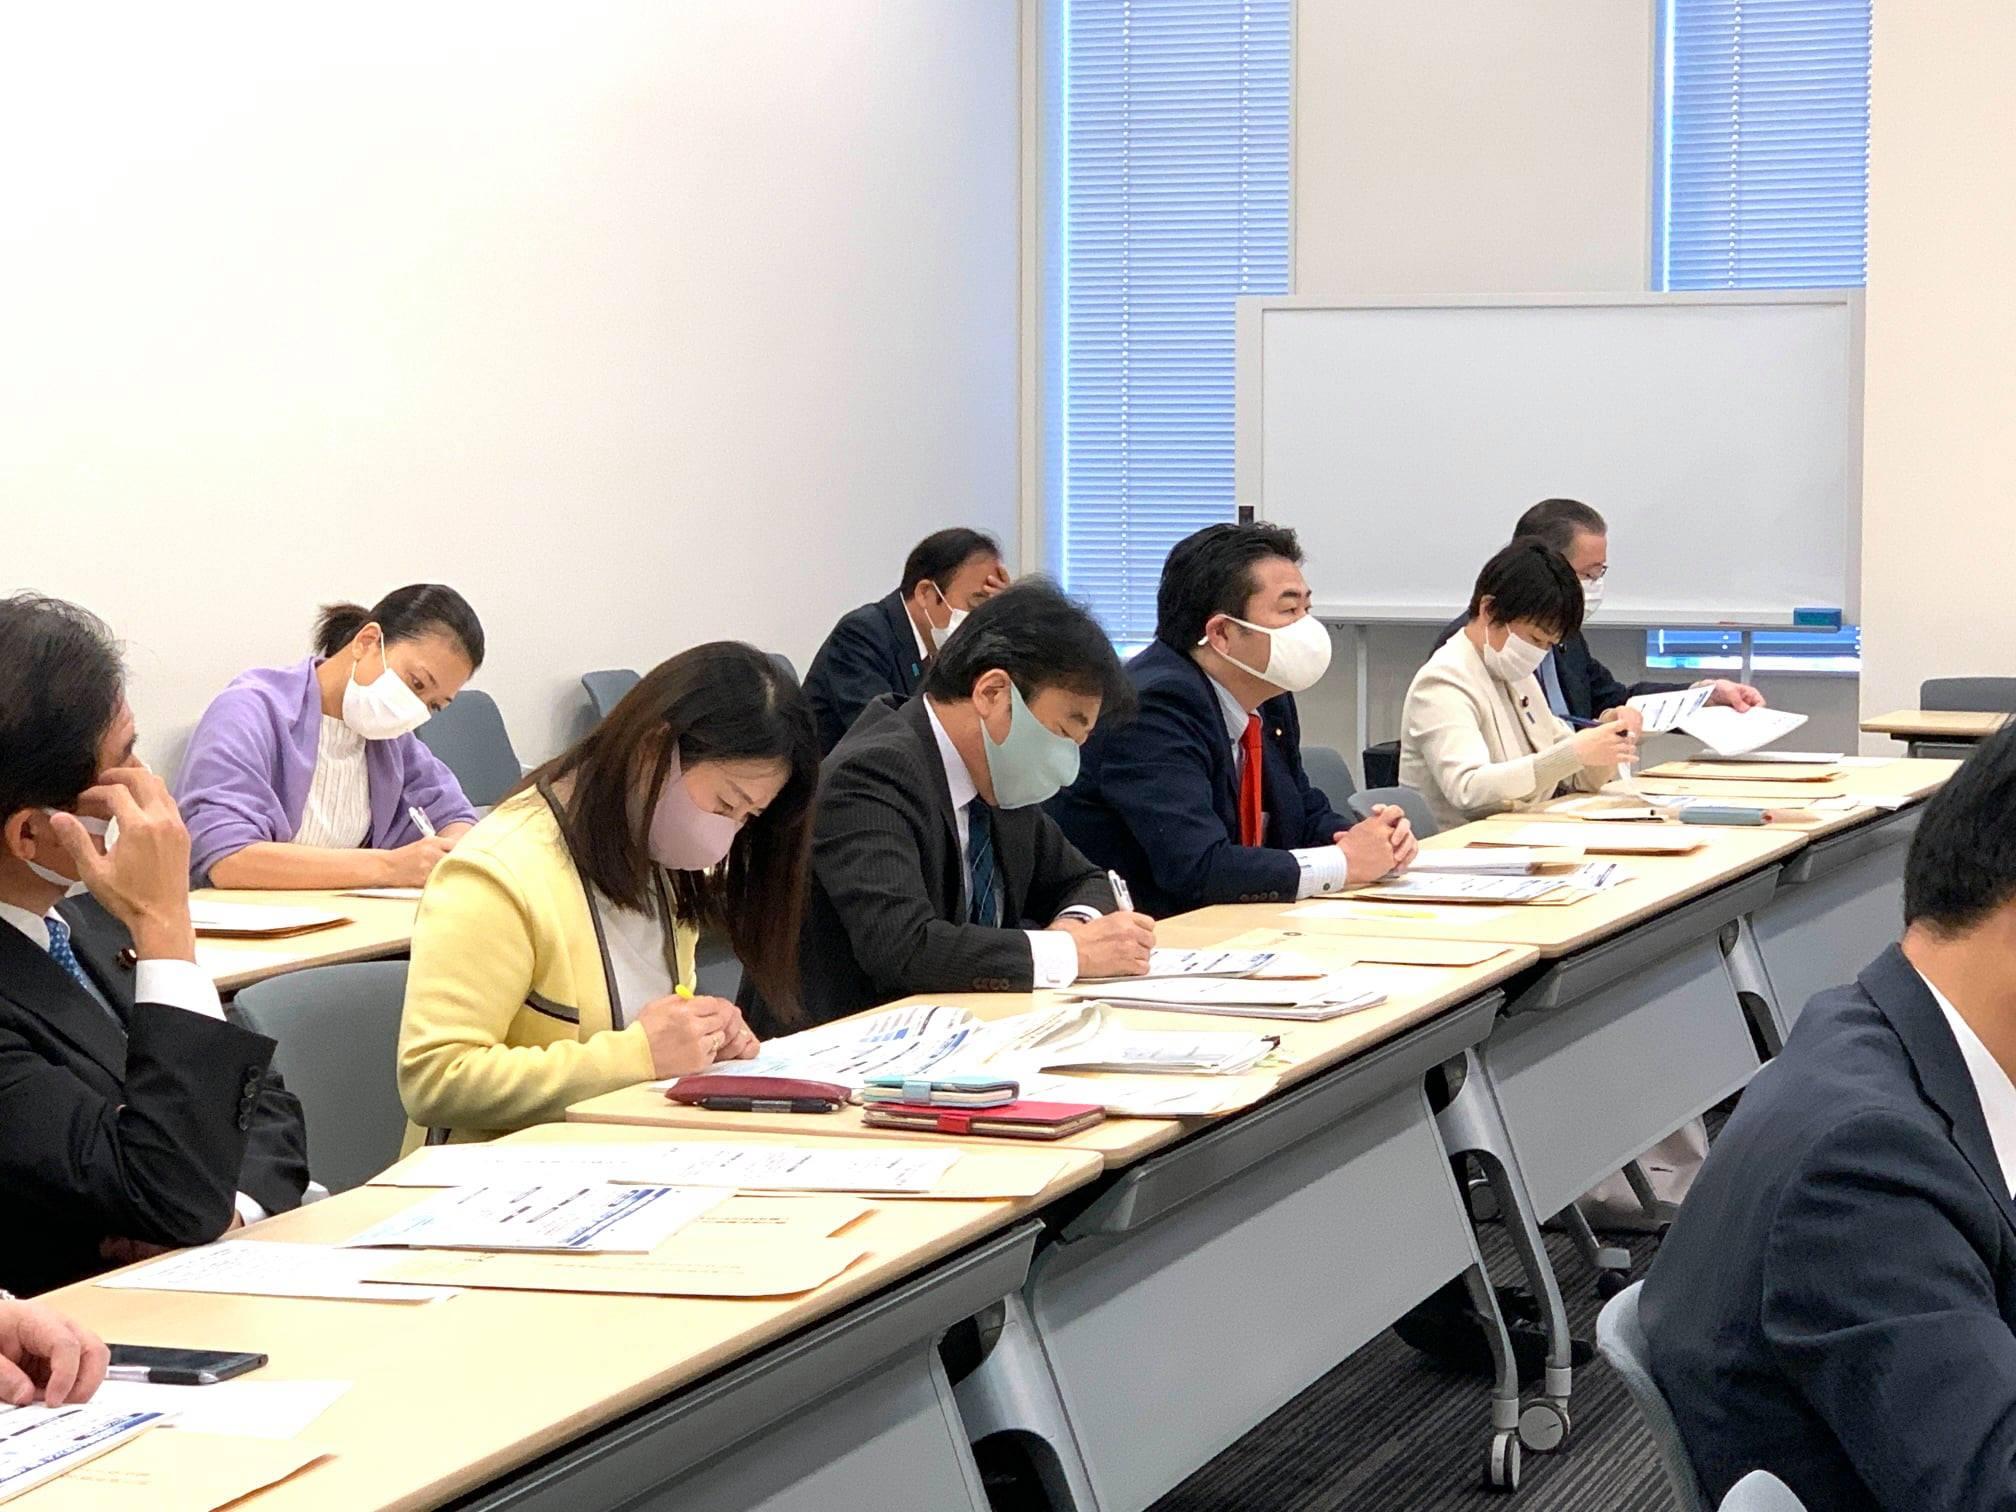 特措法には「都道府県知事は民間病院に対してコロナ患者の受入れを要請・指示できる」との規定がある(31条)